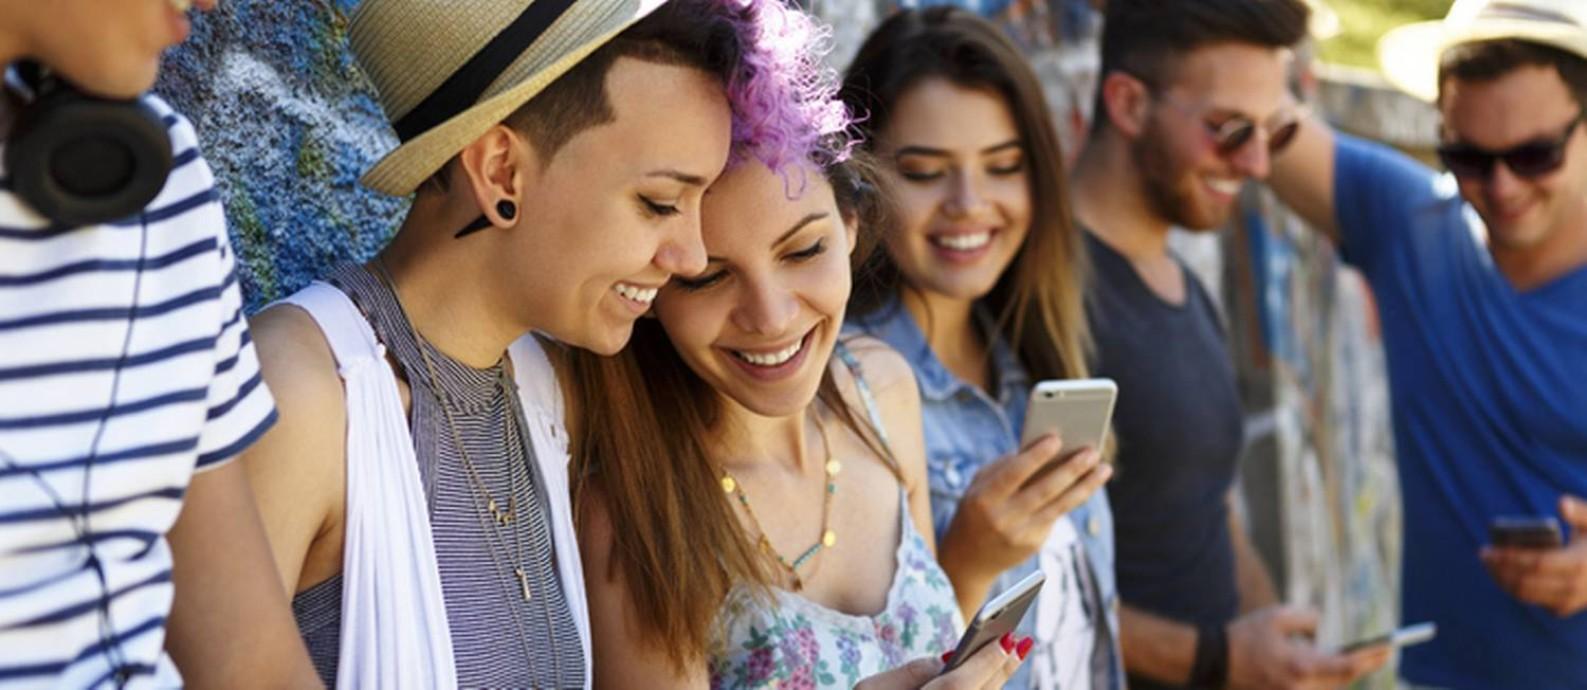 Para 30% dos jovens, a relação consigo mesmo melhorou com o acesso a conteúdos sobre cabelo, corpo e sexualidade Foto: Getty Images